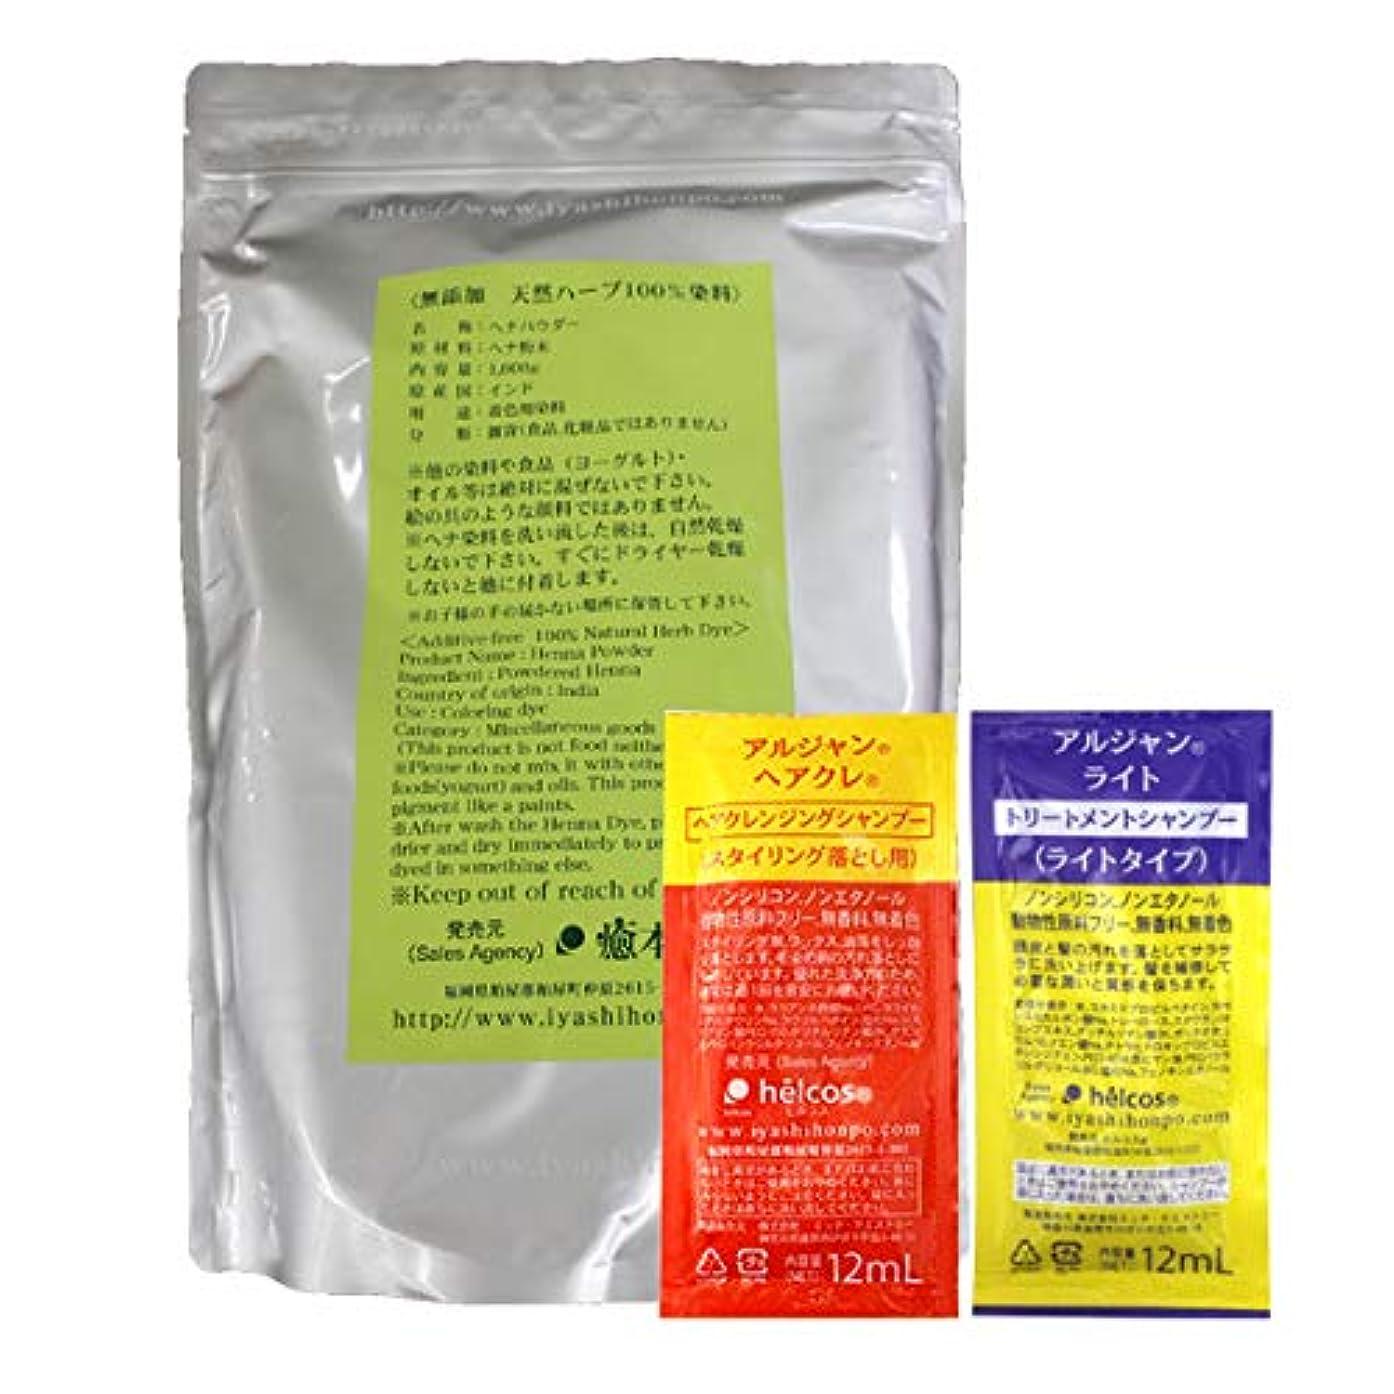 ステープル花瓶マーティンルーサーキングジュニア白髪染め ヘナ(天然染料100%) 1,000g + シャンプー2種セット 癒本舗(ブラウン)